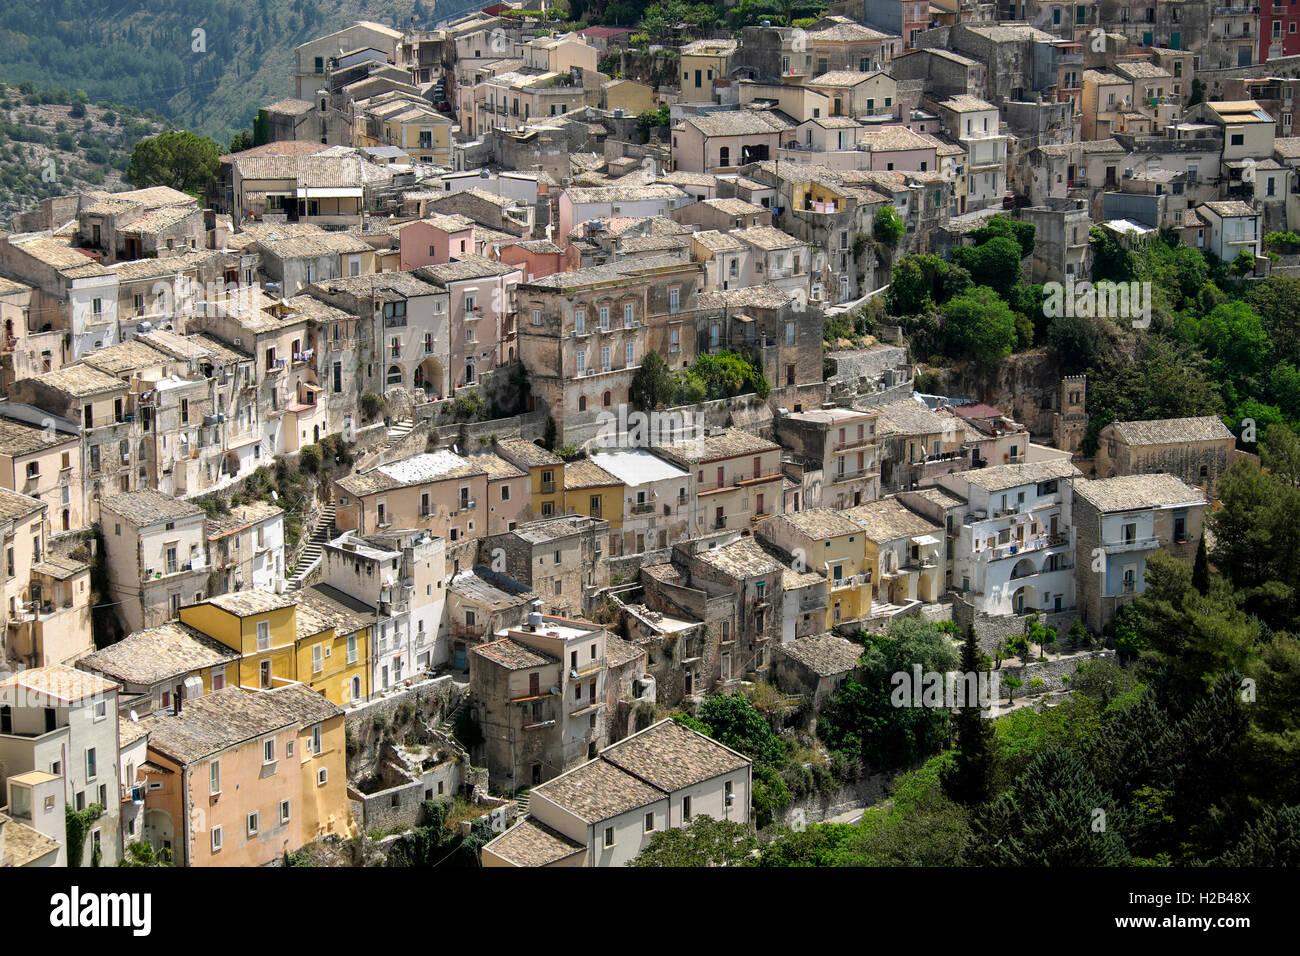 Il centro storico di Ragusa Ibla, Sicilia, Italia Immagini Stock